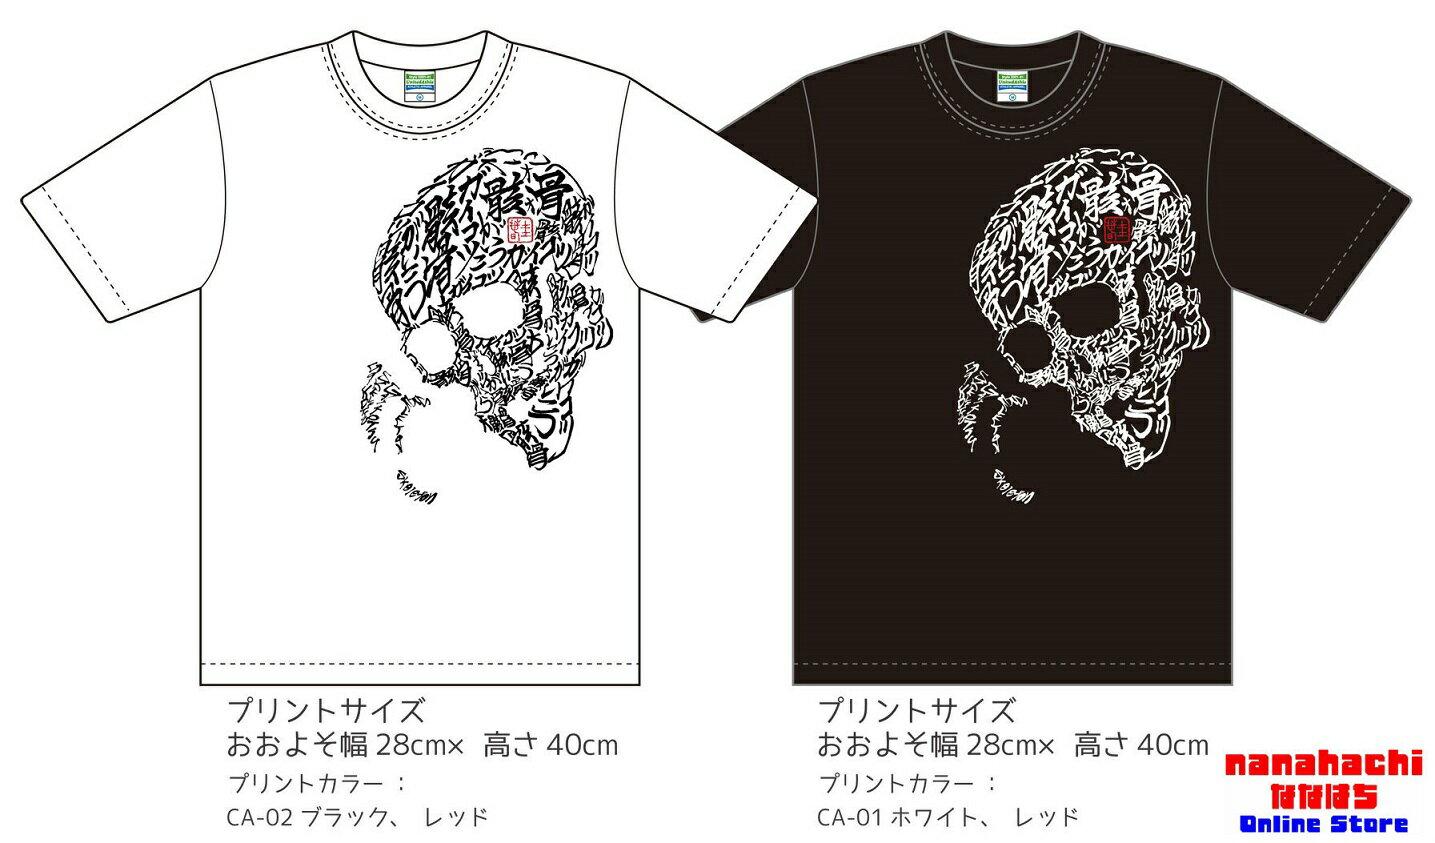 トップス, Tシャツ・カットソー  T KEIshun T KEIshunT Calligraphys Art T T